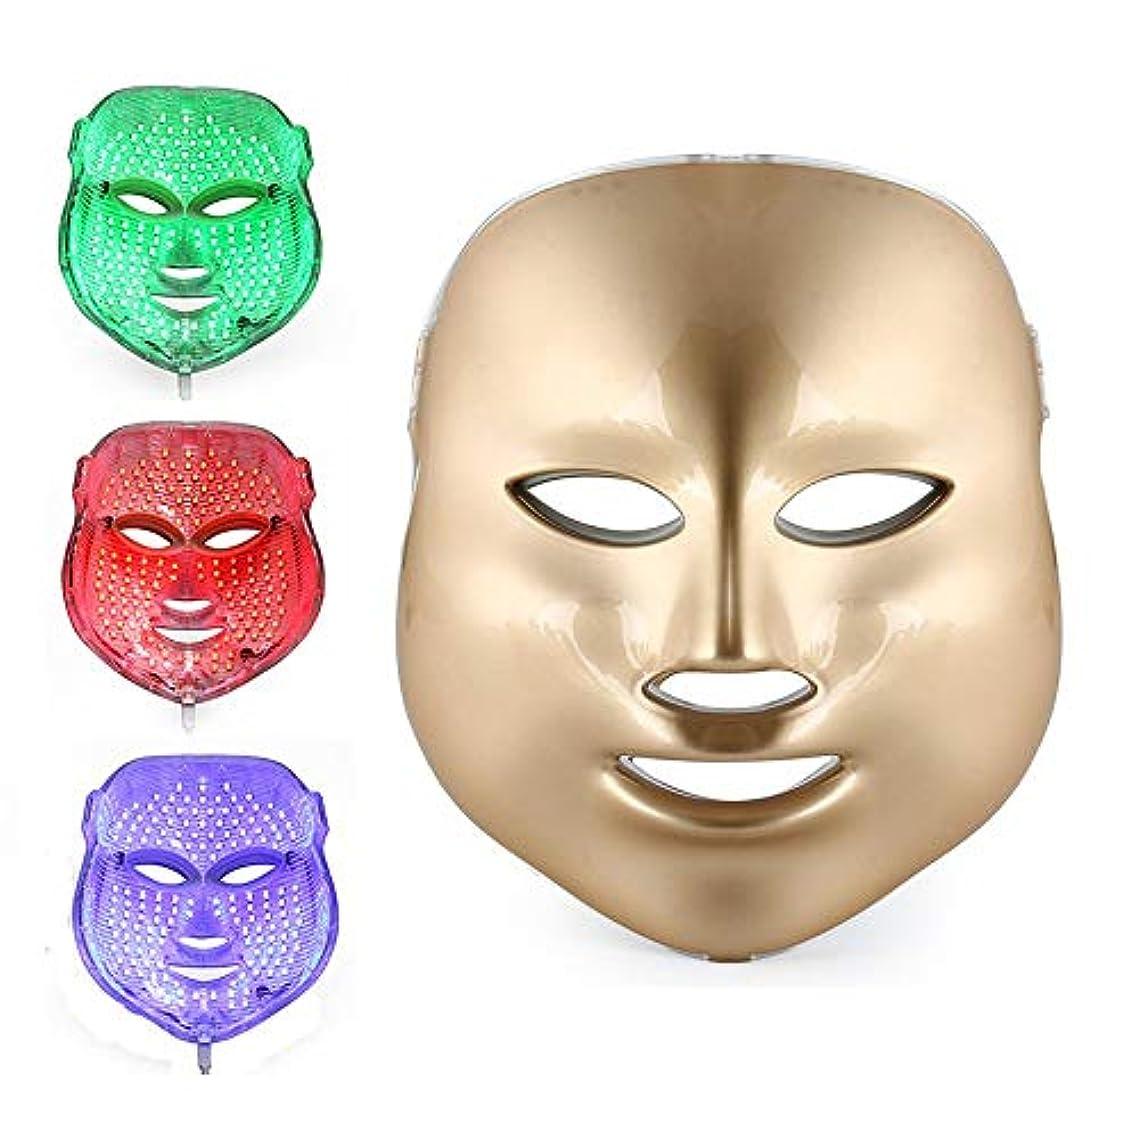 波不利益香りフォトンセラピー3色LEDマスクゴールドLEDライトセラピートリートメントフェイシャルビューティースキンケアにきびしわホワイトニング用フォトンセラピーマスク